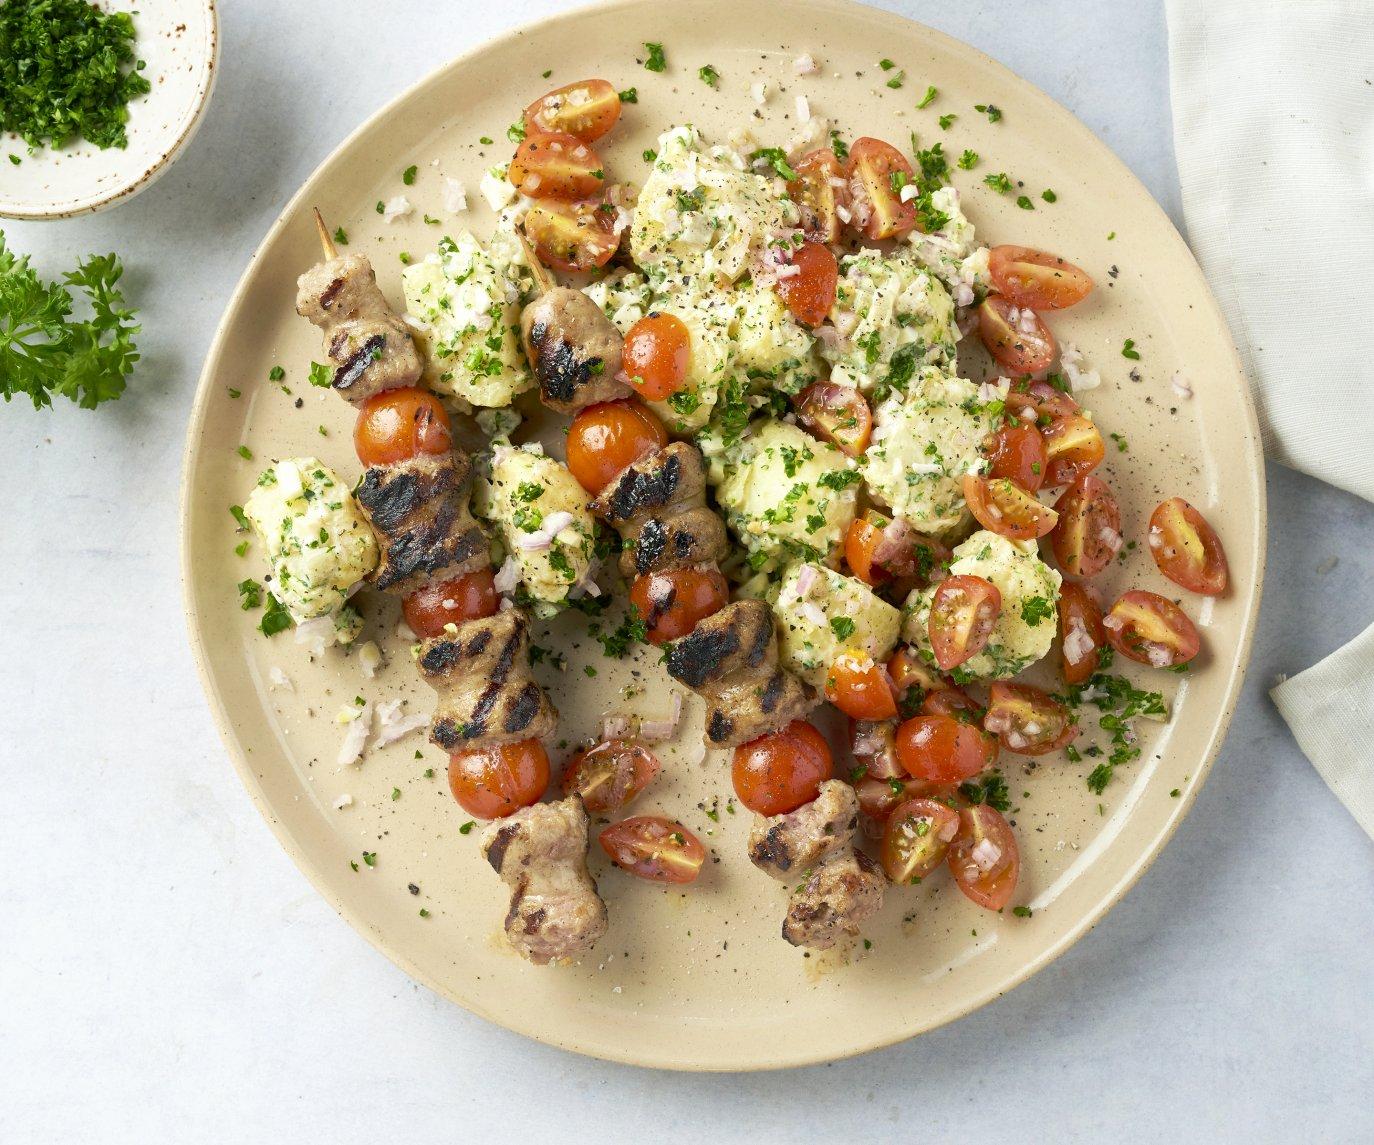 Worstjes-saté met aardappelsalade